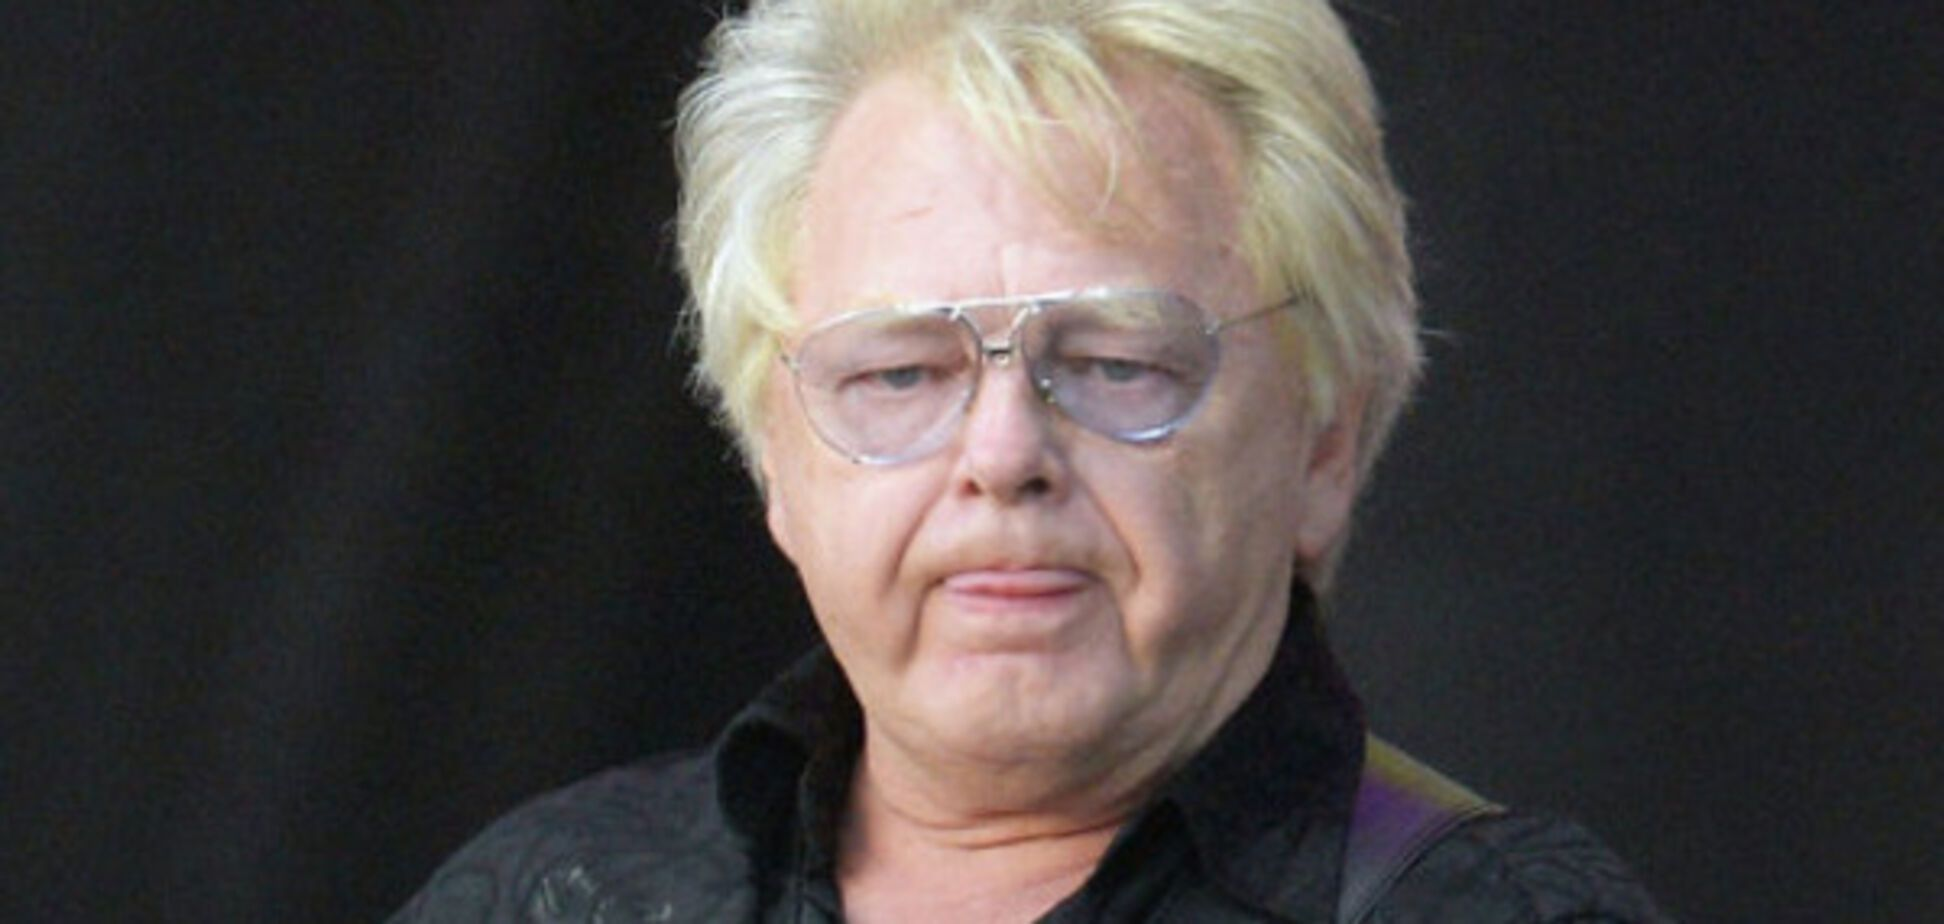 'Бес и его попутал': исполнитель 'Берегите женщин' попал в 'чистилище' 'Миротворца'